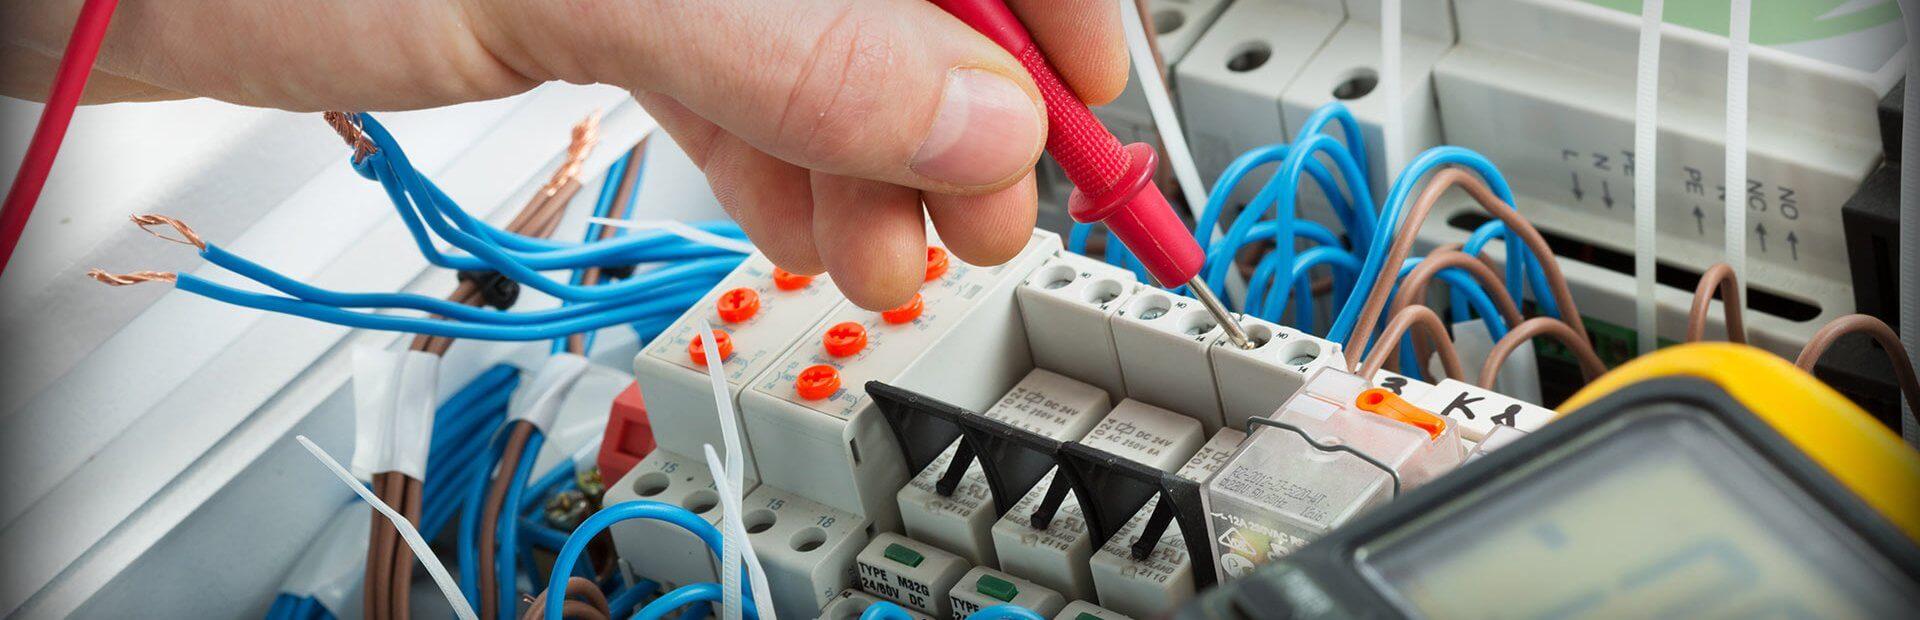 Цены на монтаж электрики екатеринбург